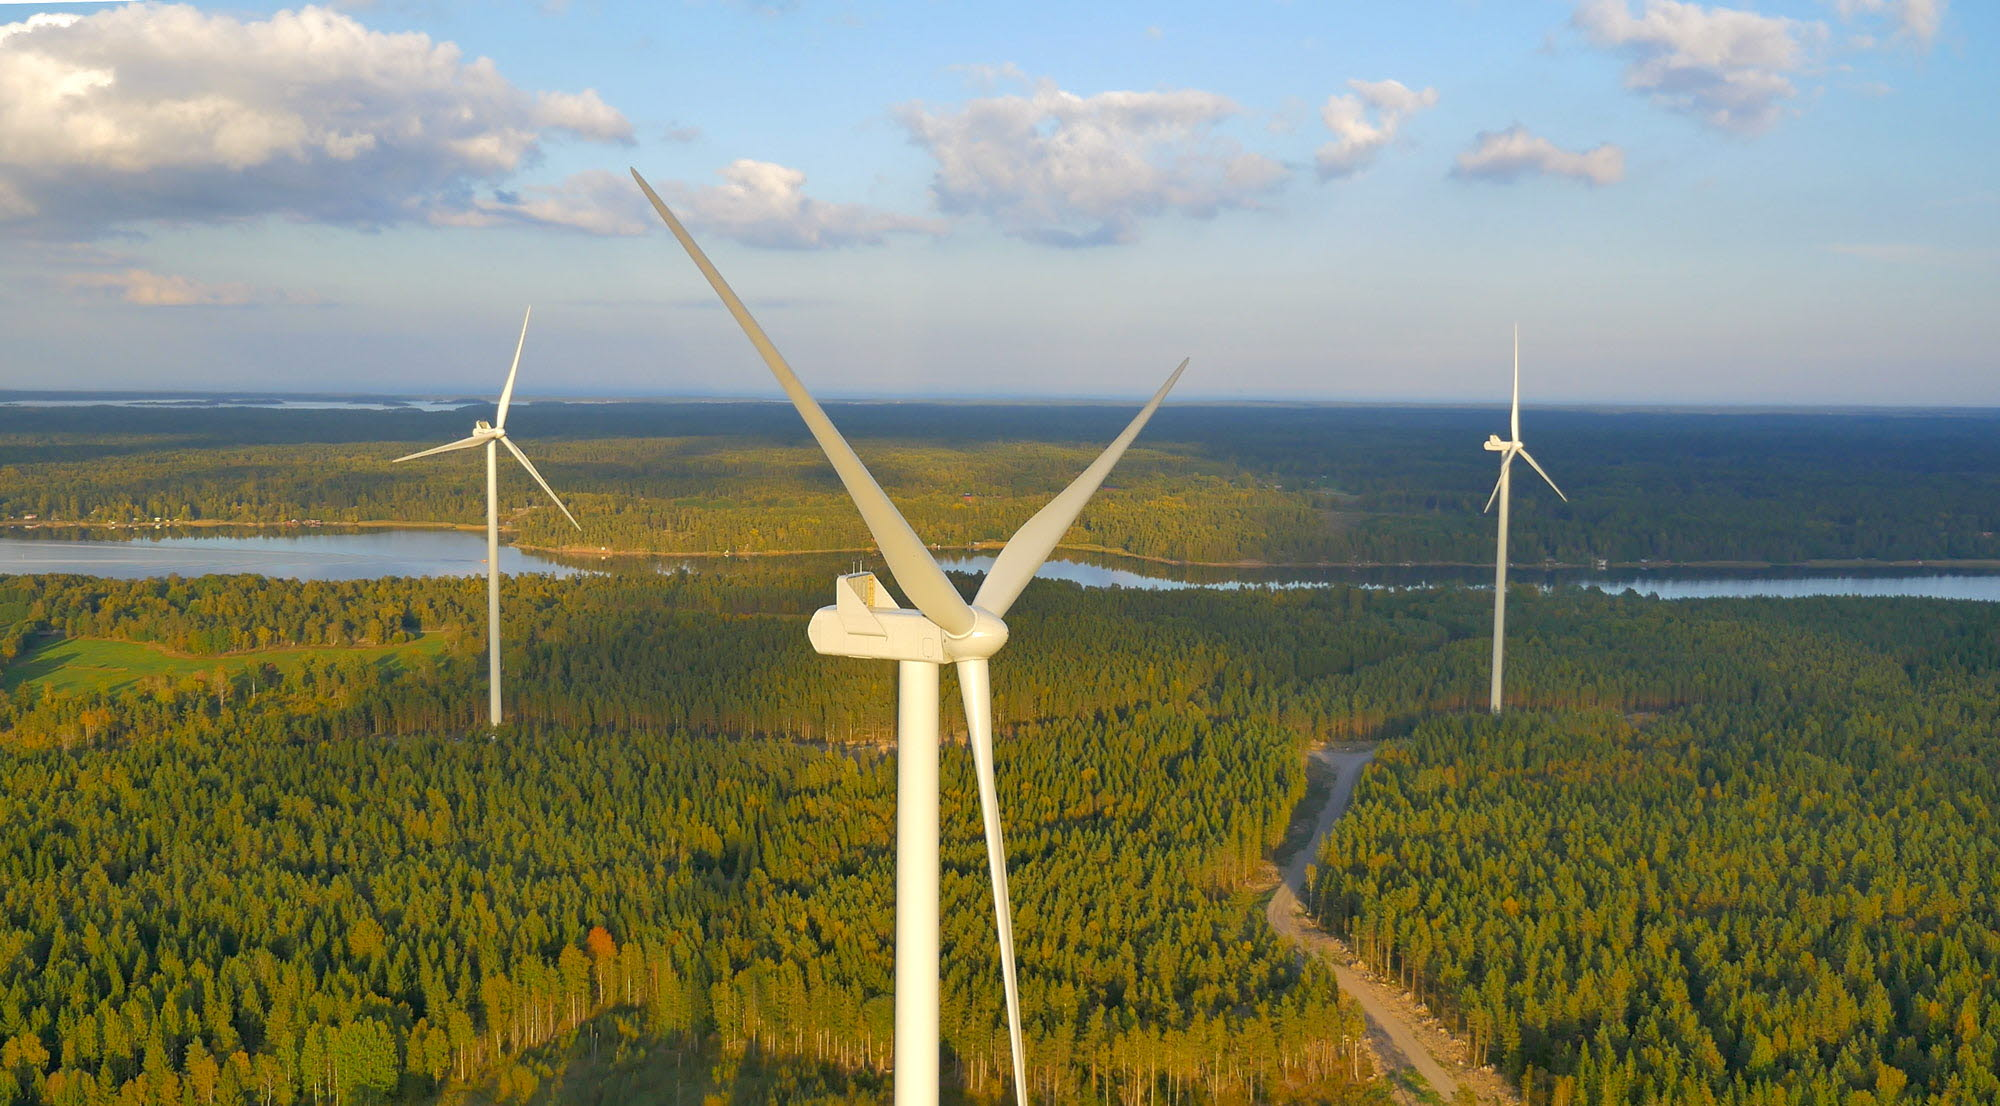 FOYEN: NYTT FÖRSLAG OM TIDSFRISTER I HANDLÄGGNINGEN SKA FRÄMJA PRODUKTIONEN AV FÖRNYBAR ENERGI